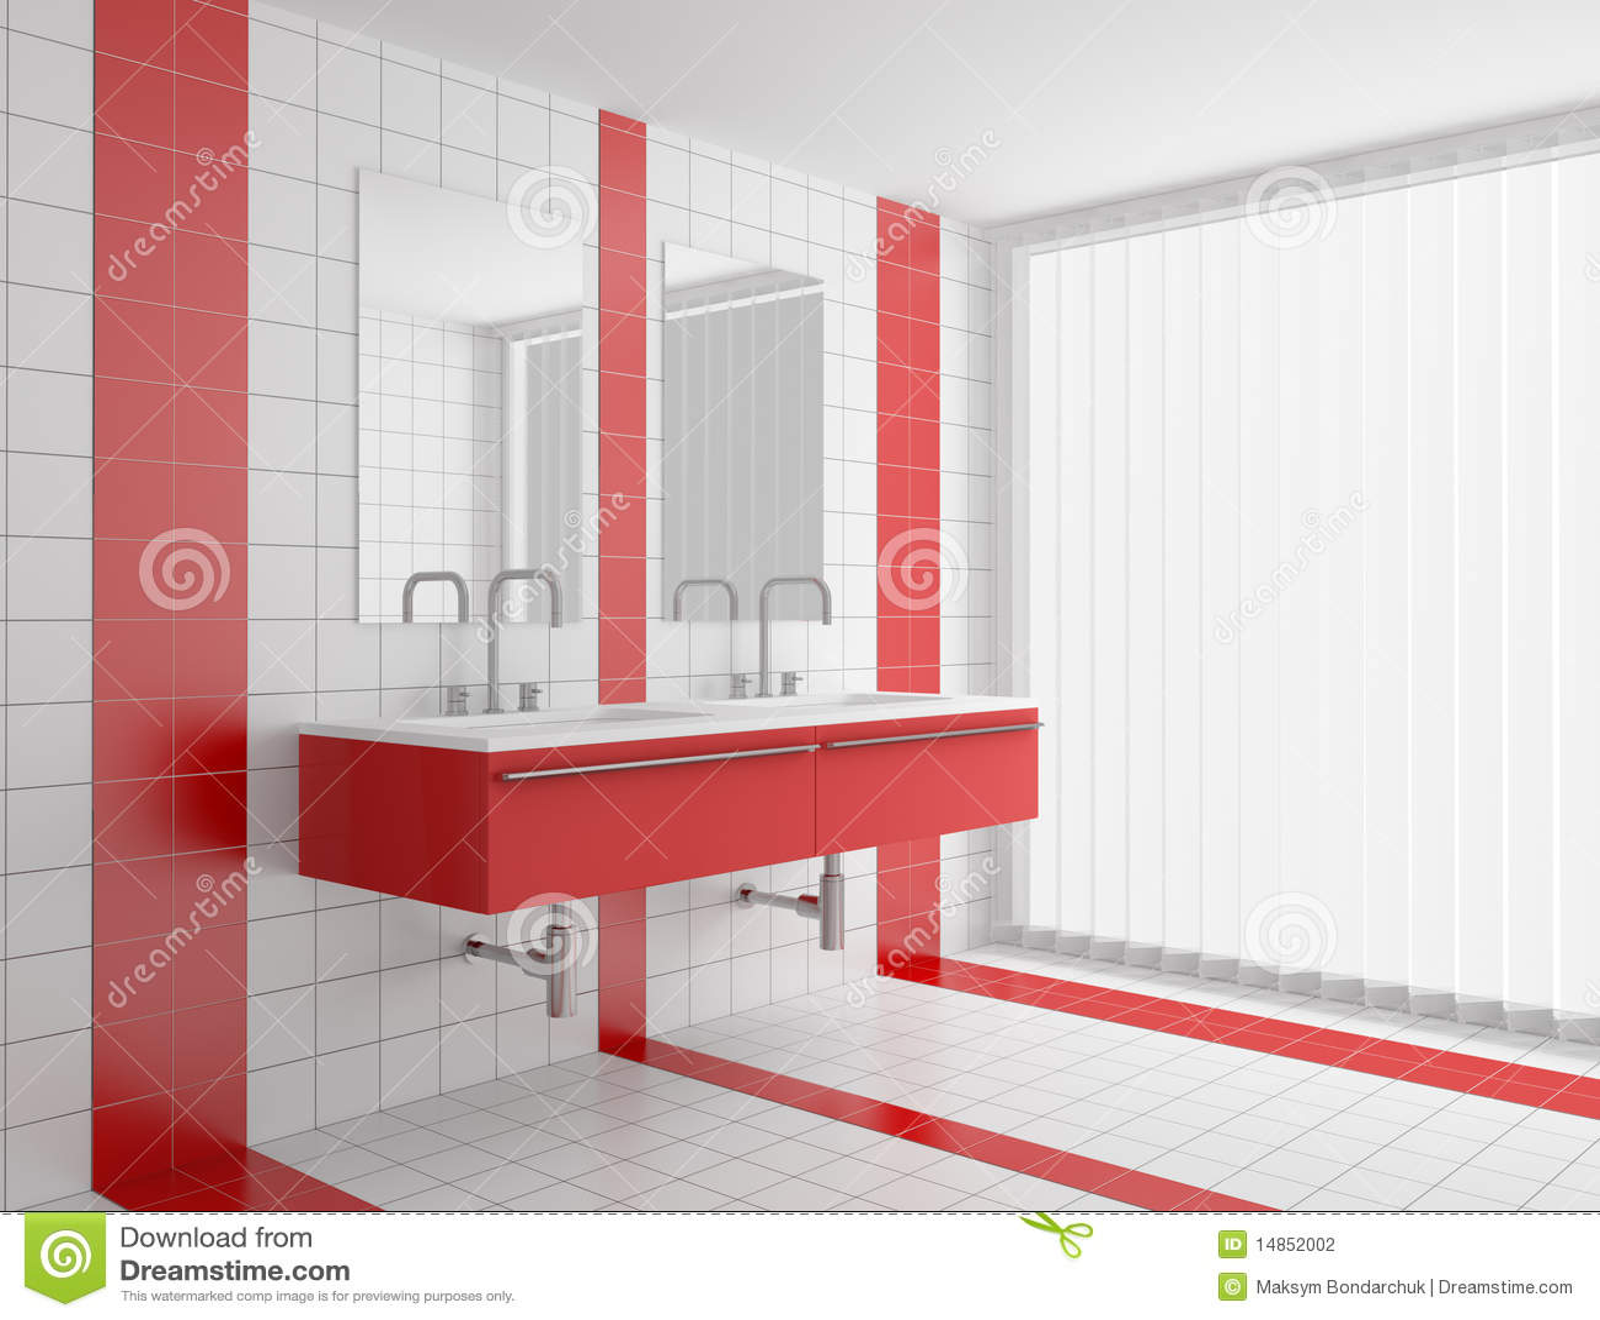 Cuarto de ba o moderno con los azulejos rojos y blancos stock de ilustraci n ilustraci n de - Azulejos de cuarto de bano modernos ...